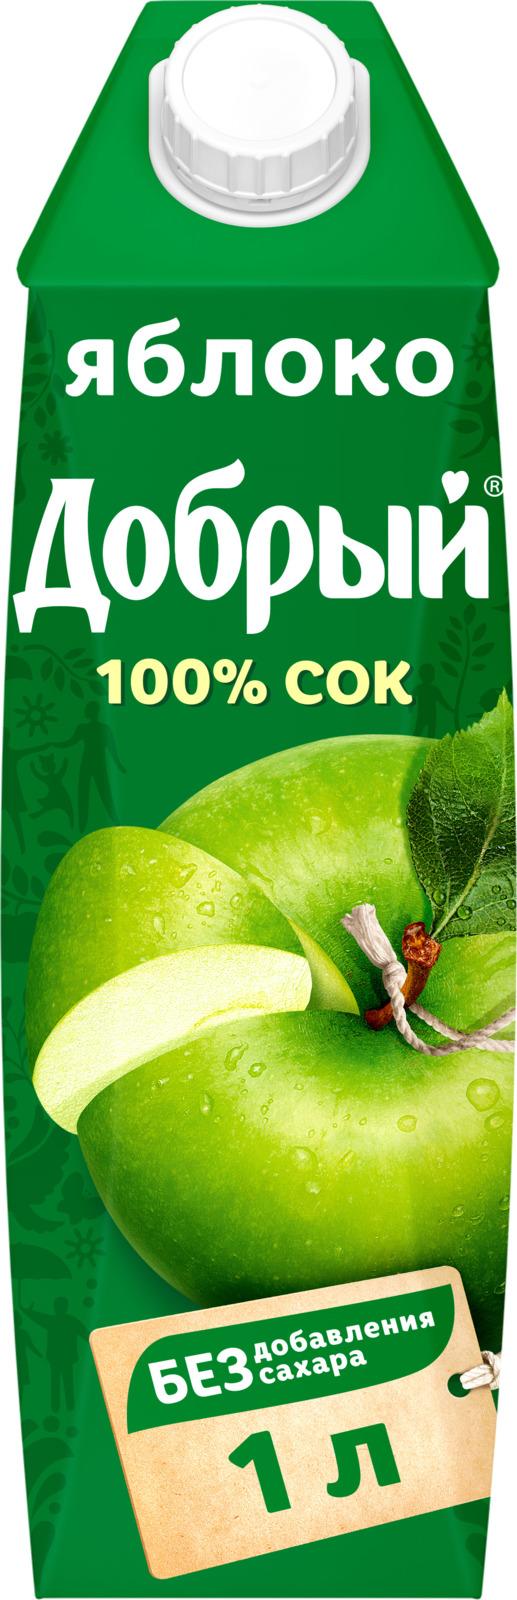 Сок Добрый Яблочный, 1 л